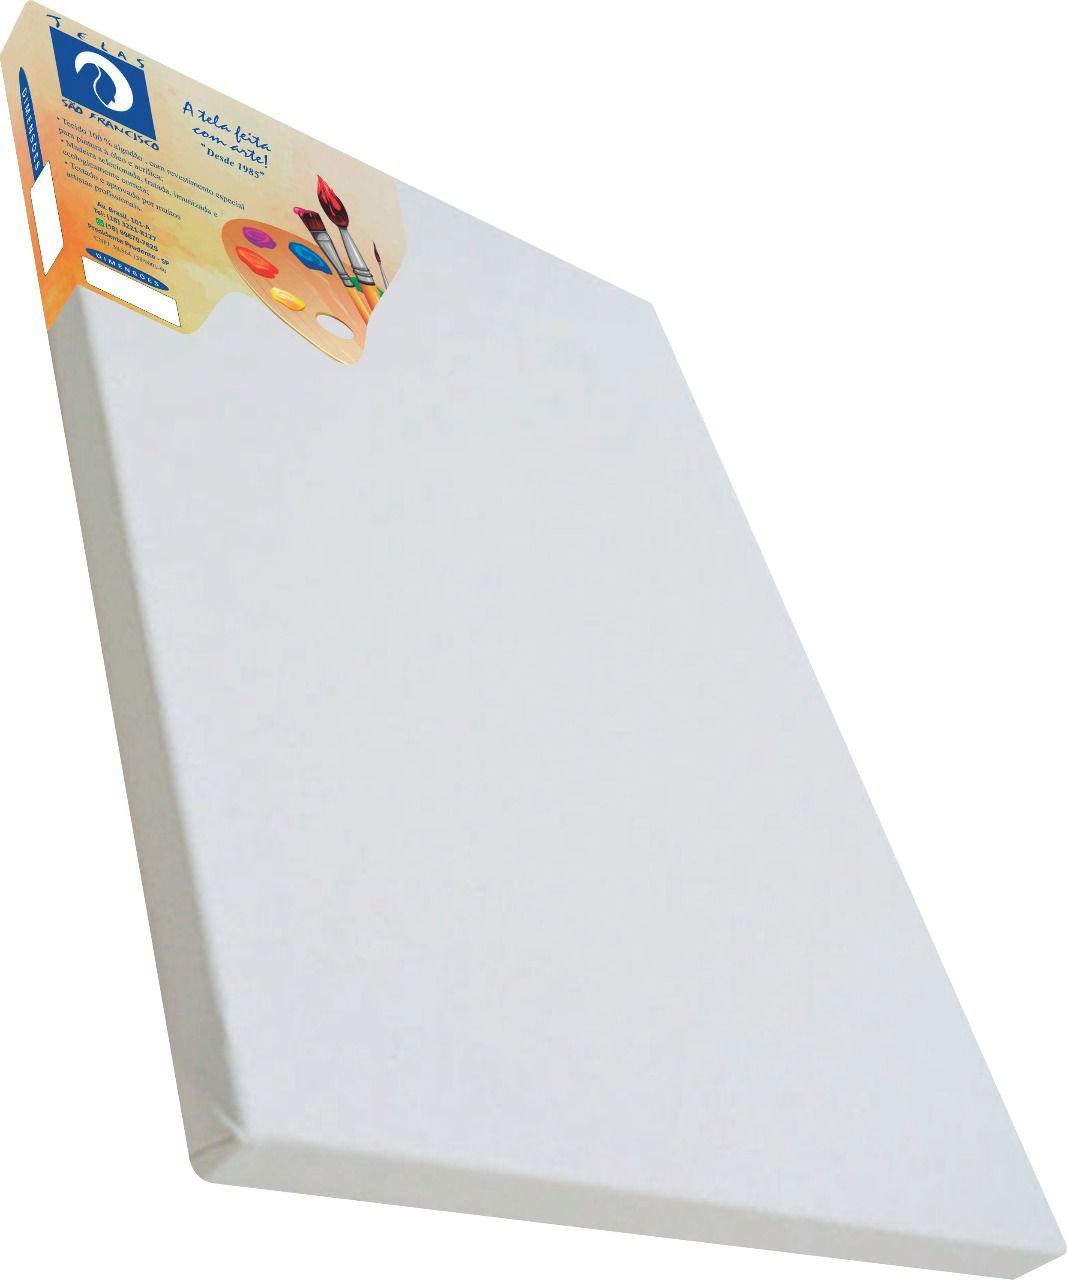 Tela comum para pintura 30x60cm - São Francisco